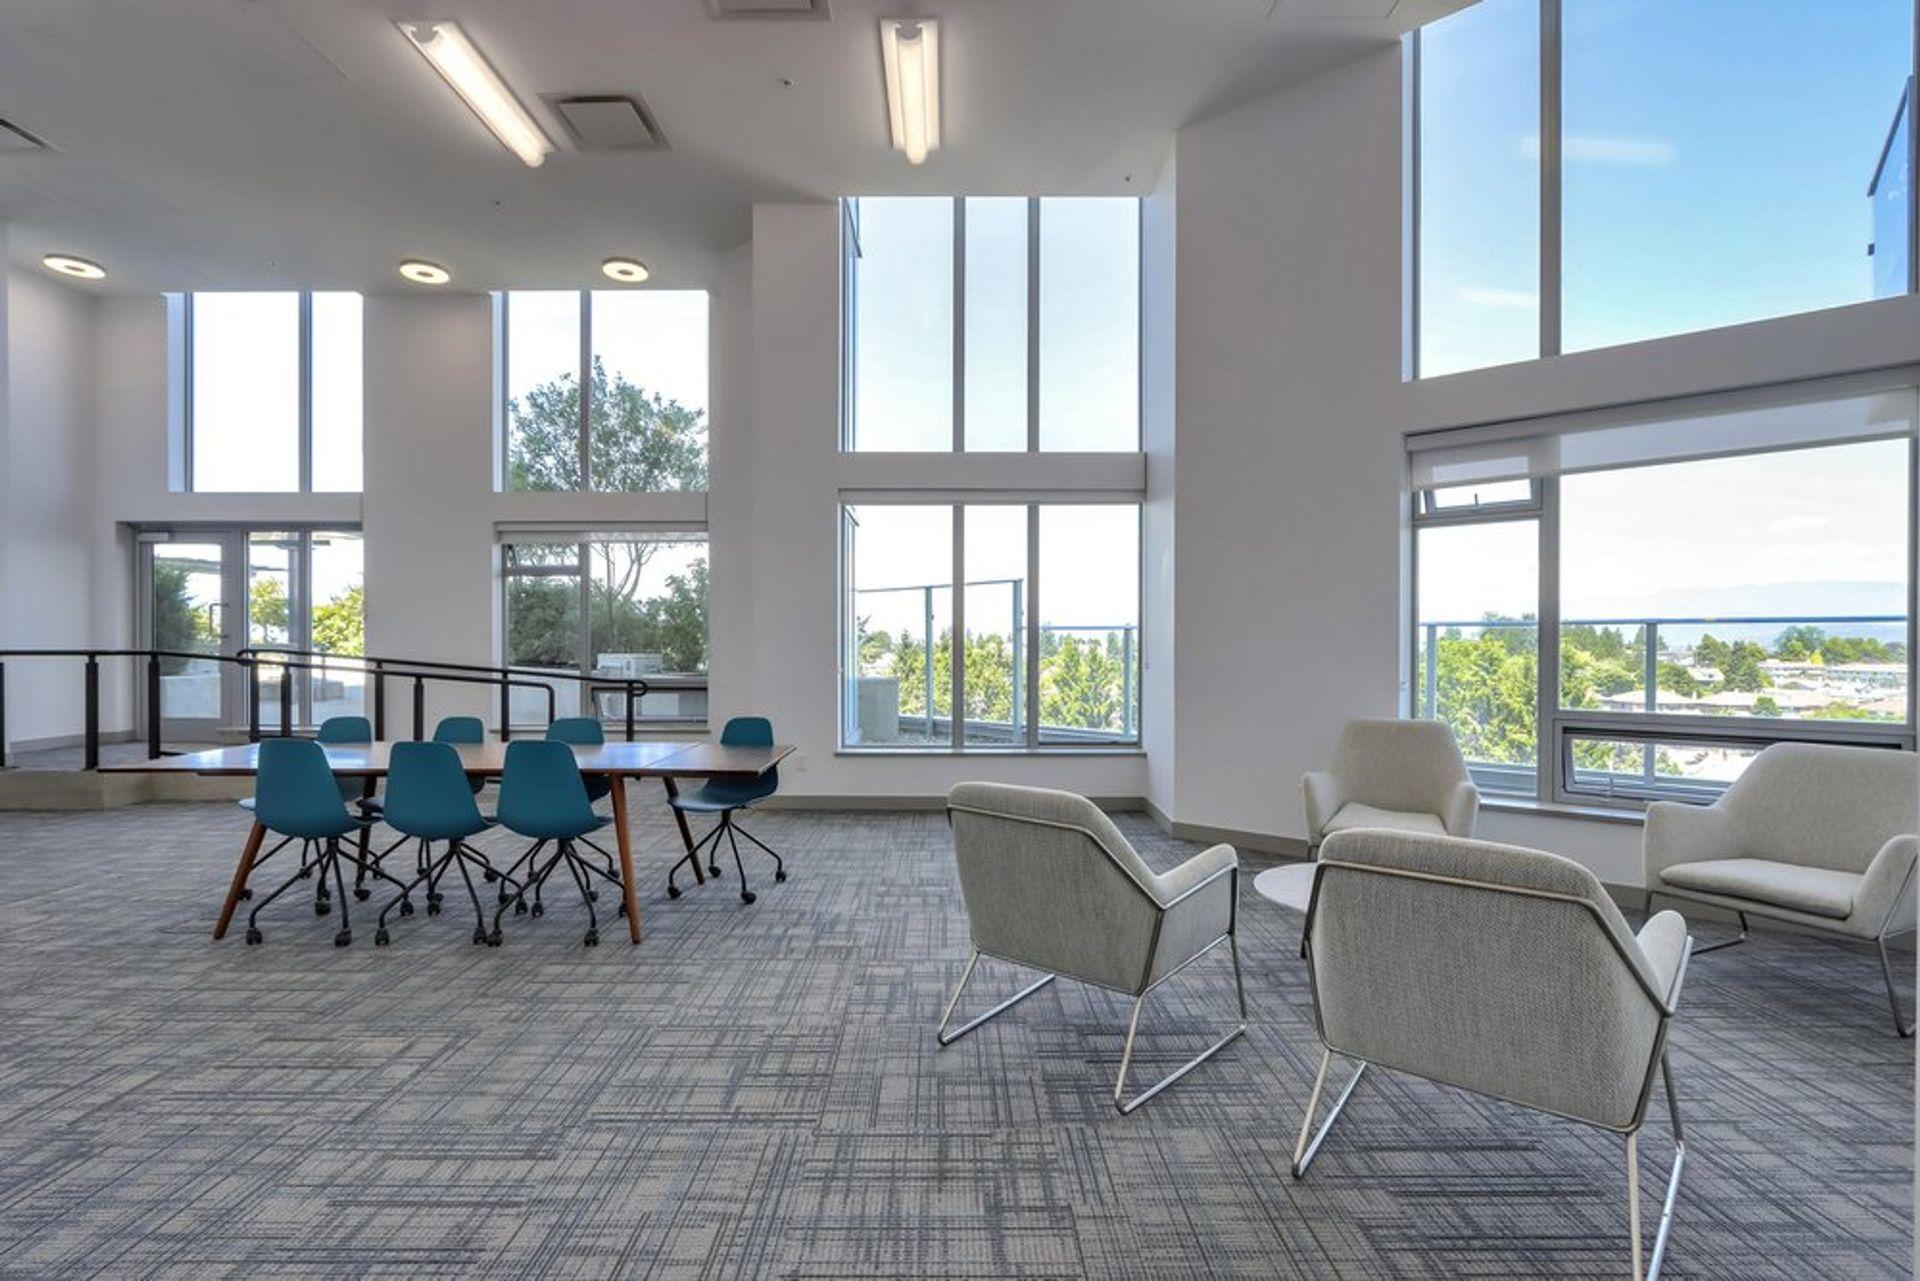 11th floor meeting room at 1103 - 5470 Ormidale Street, Collingwood VE, Vancouver East